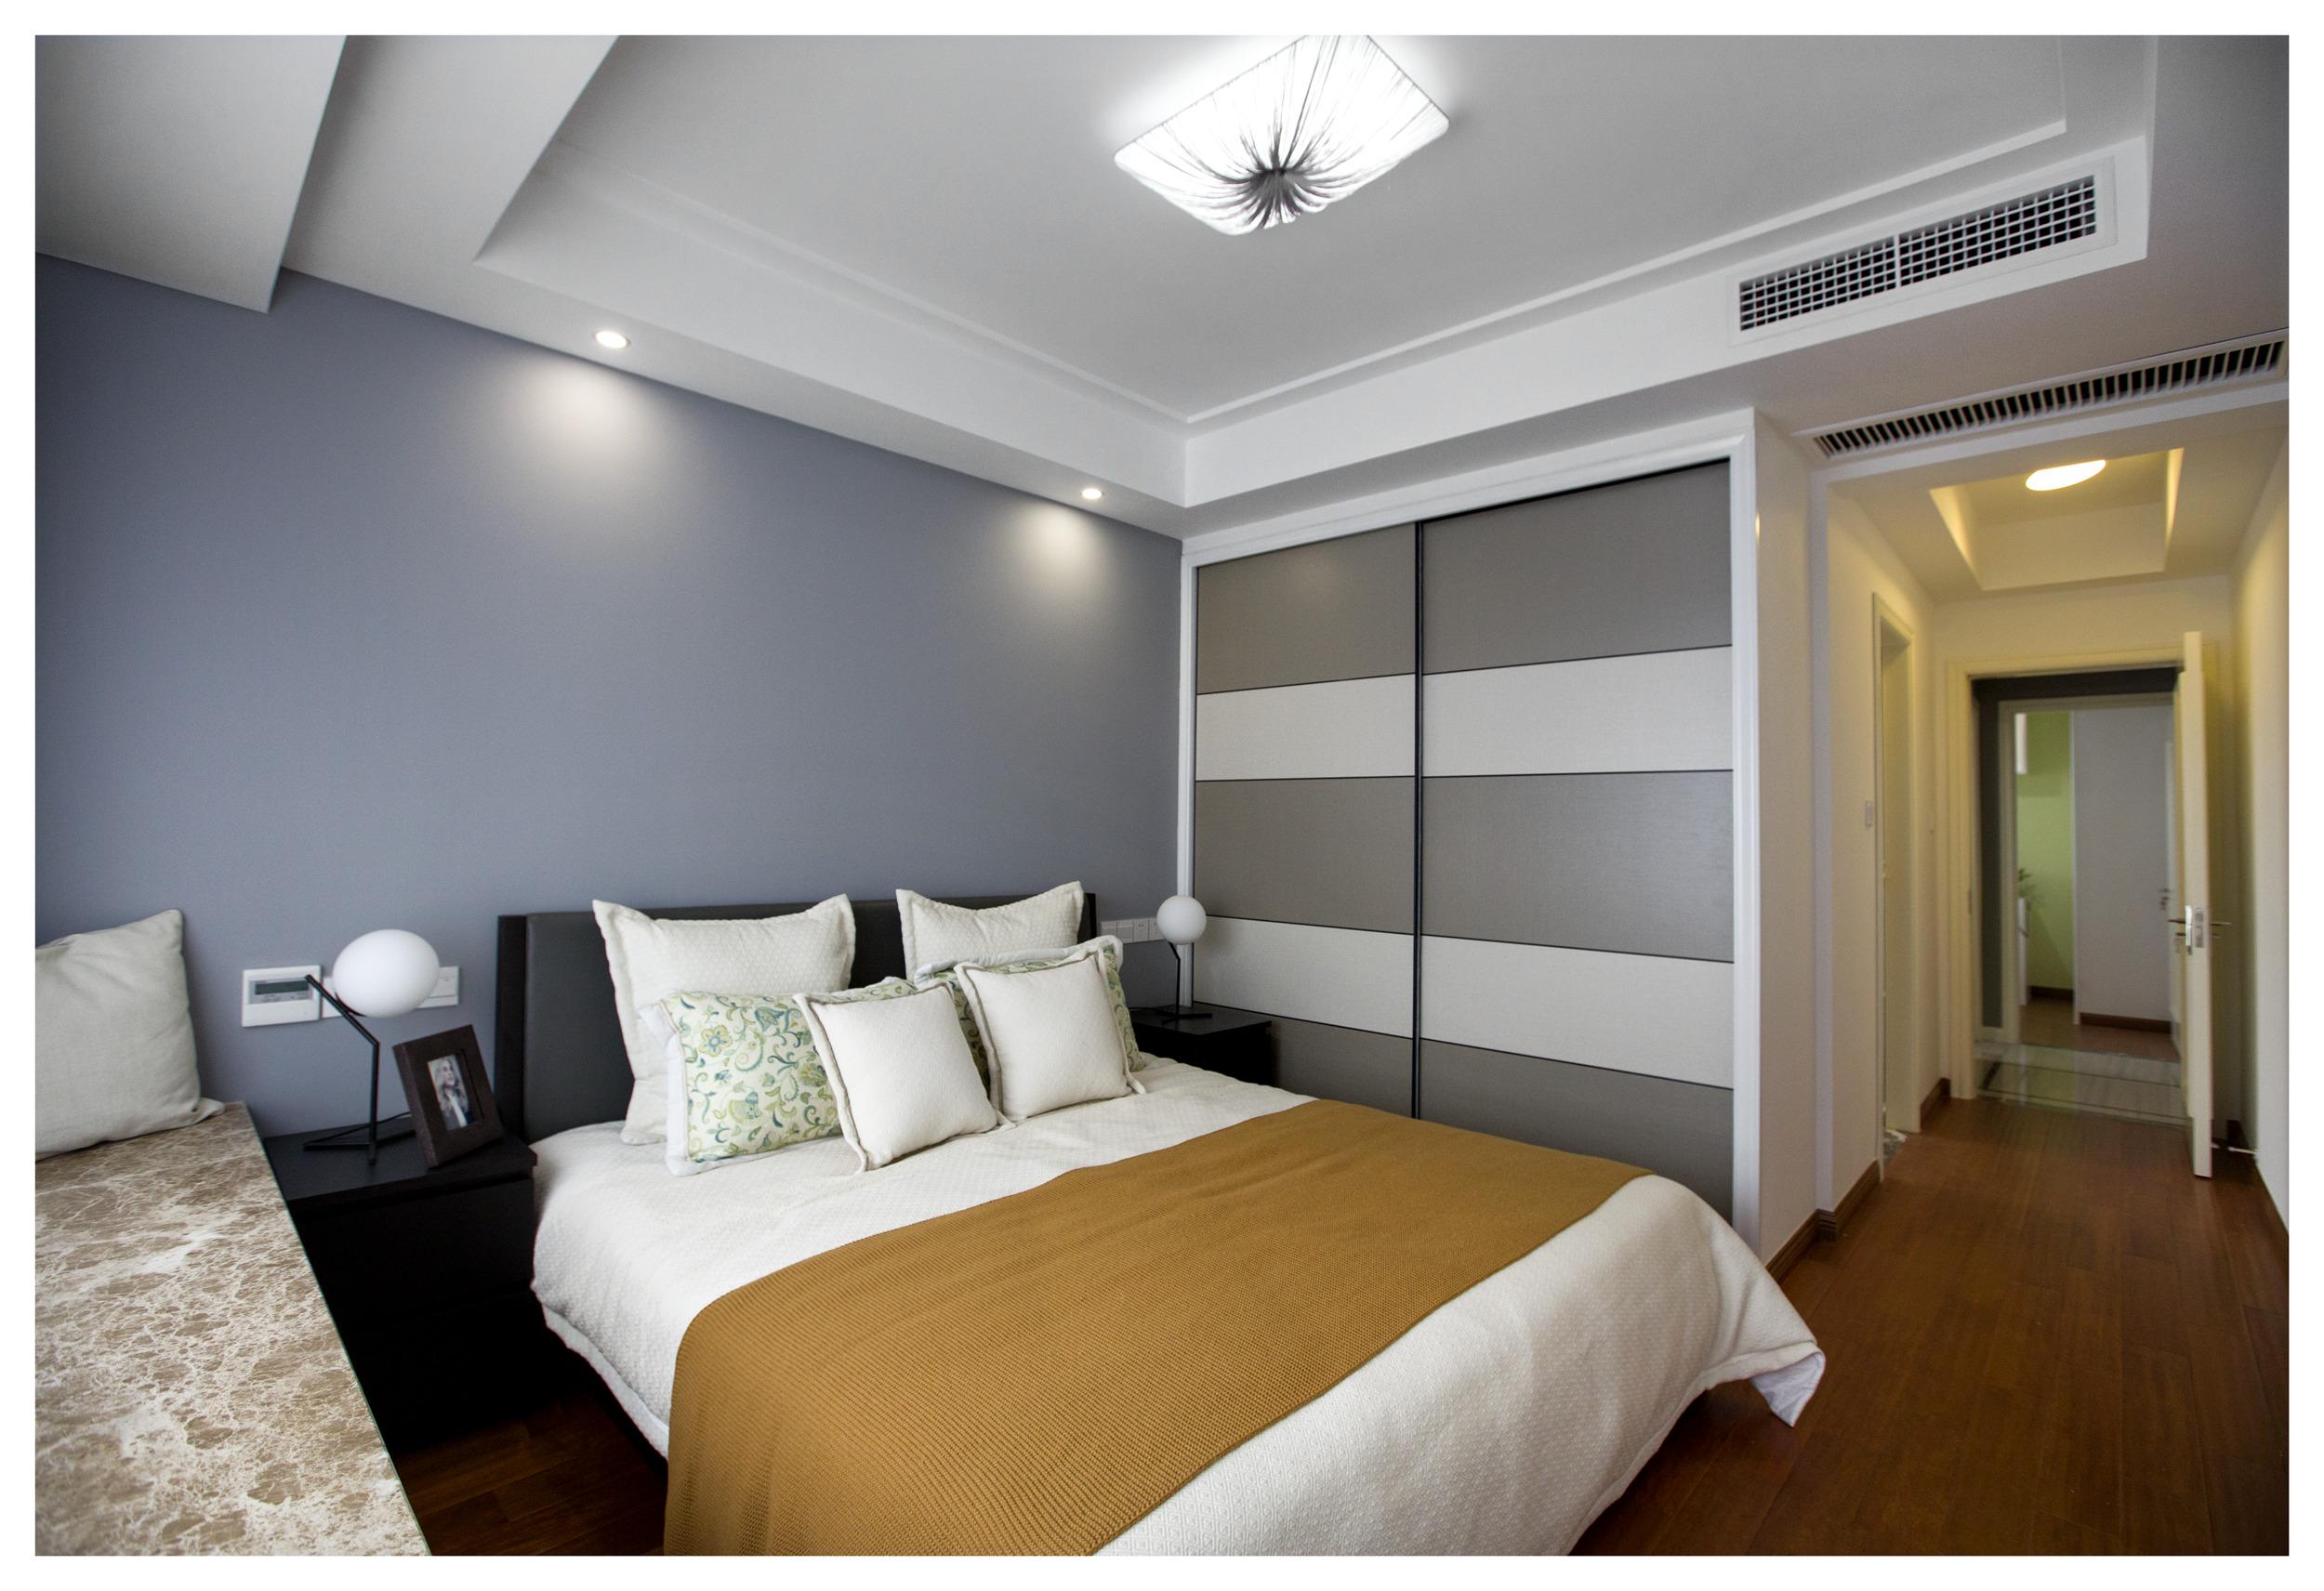 现代简约轻奢装修卧室效果图